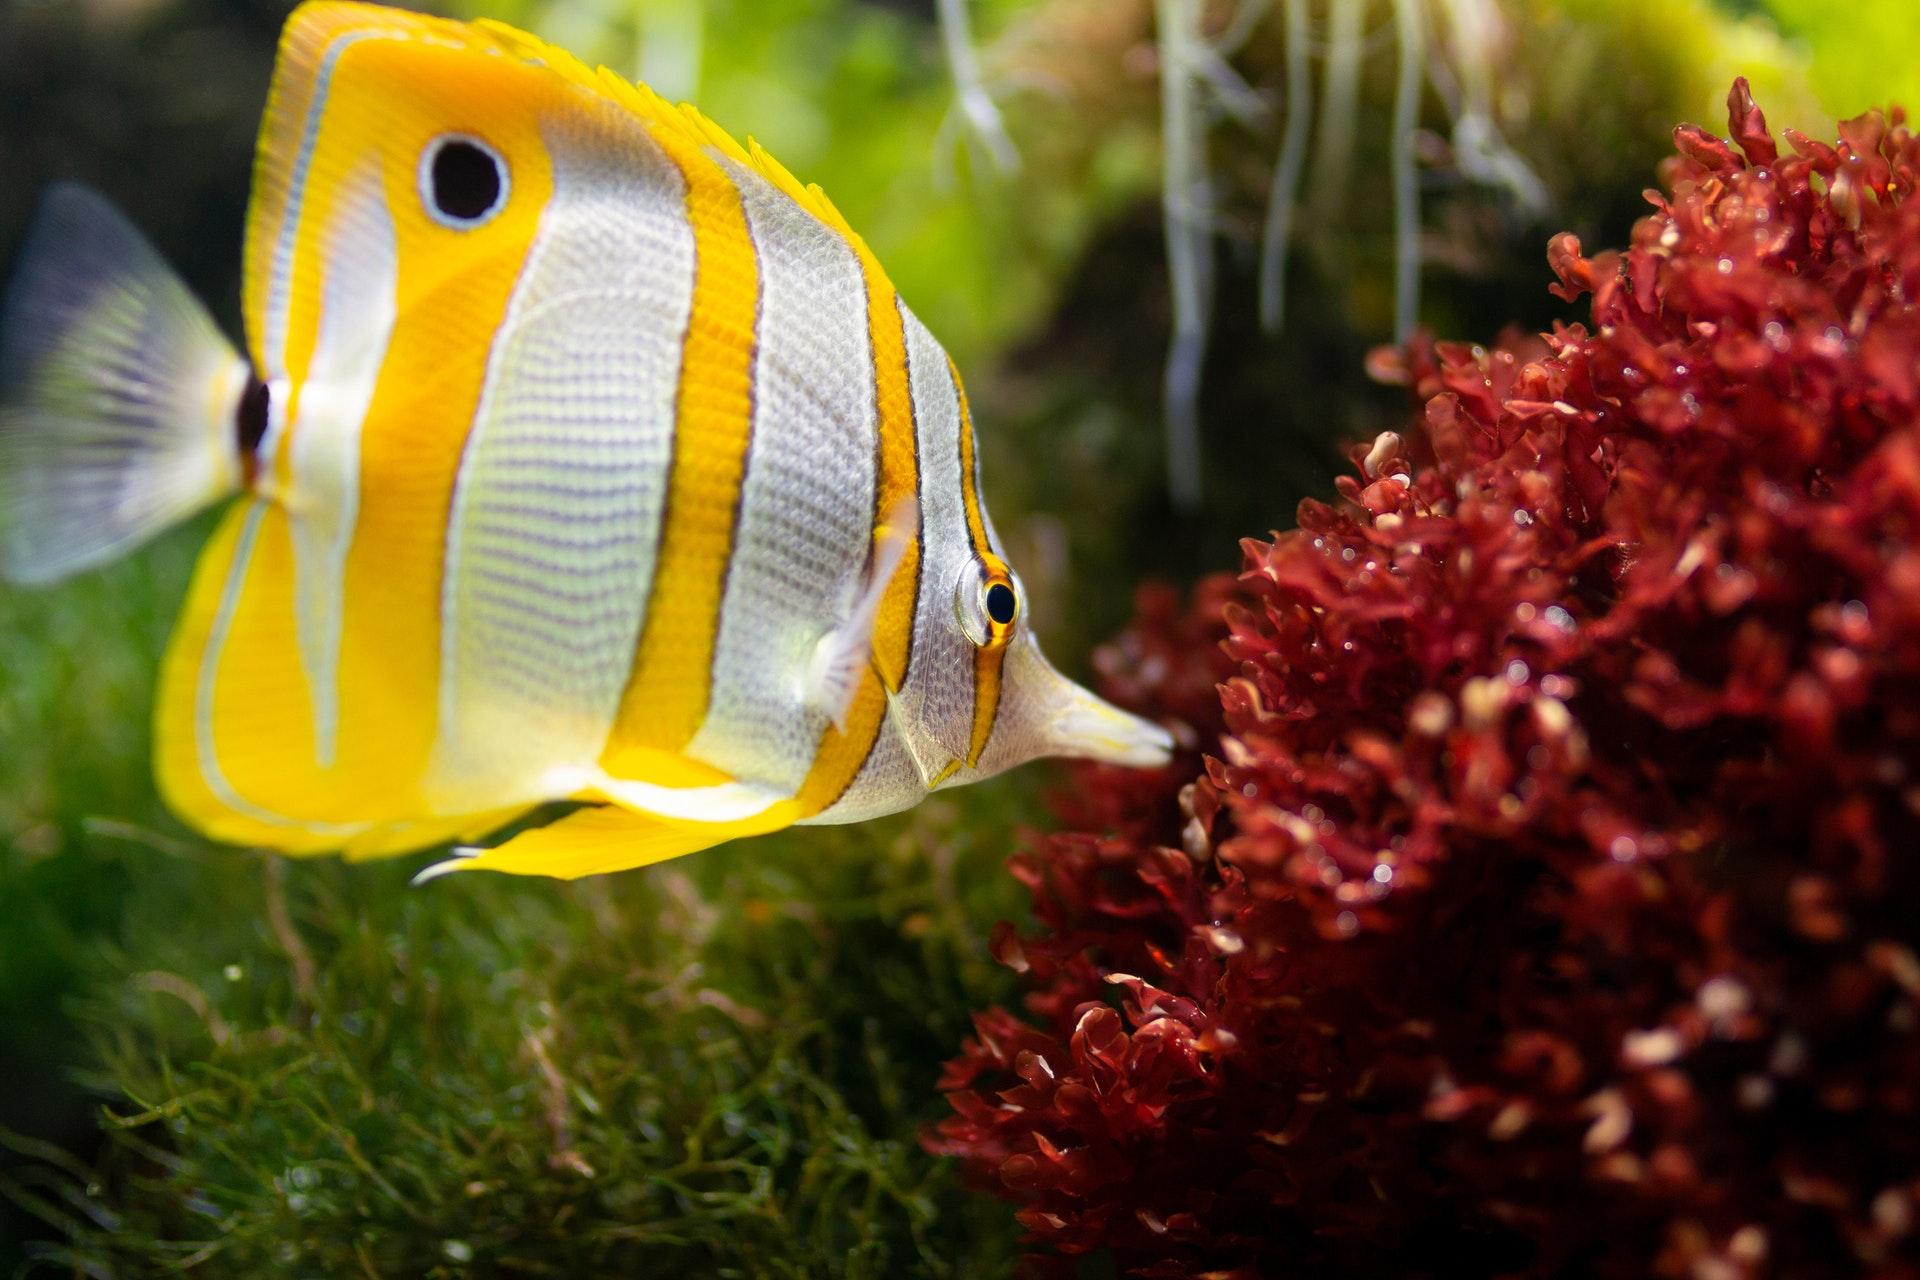 Sonhar com peixe no aquário é sinal de emoções reprimidas.